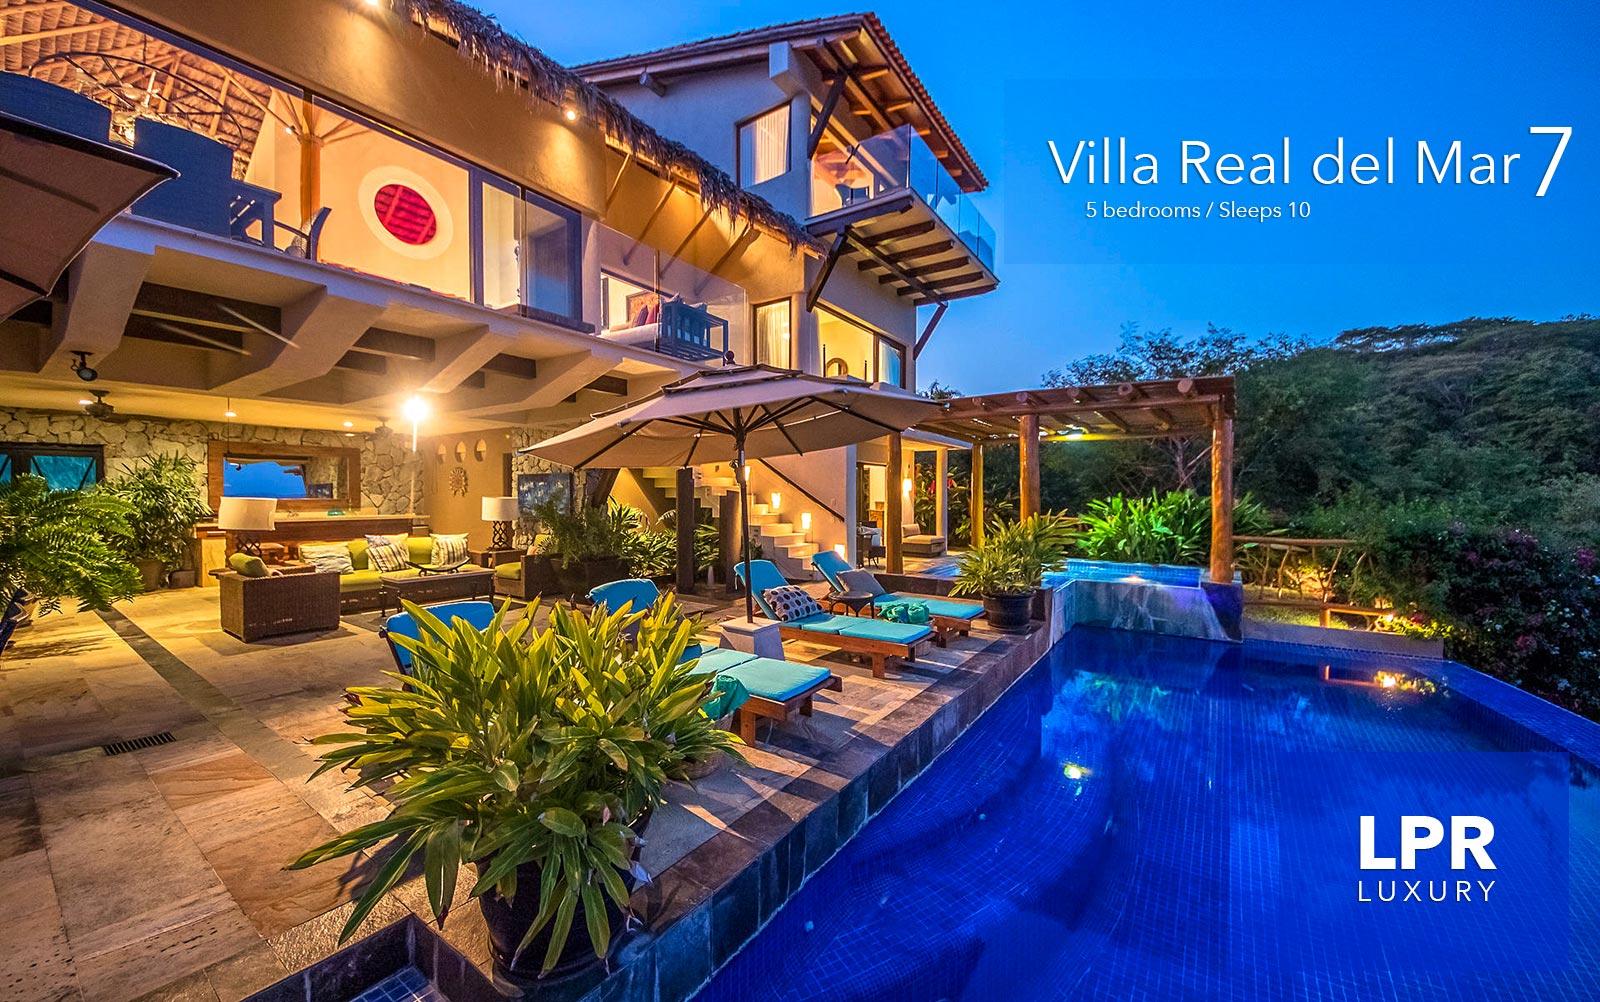 Villa Real del Mar 7 - Luxury vacation rental at Real del Mar, Punta de Mita, Riviera Nayarit, Mexico